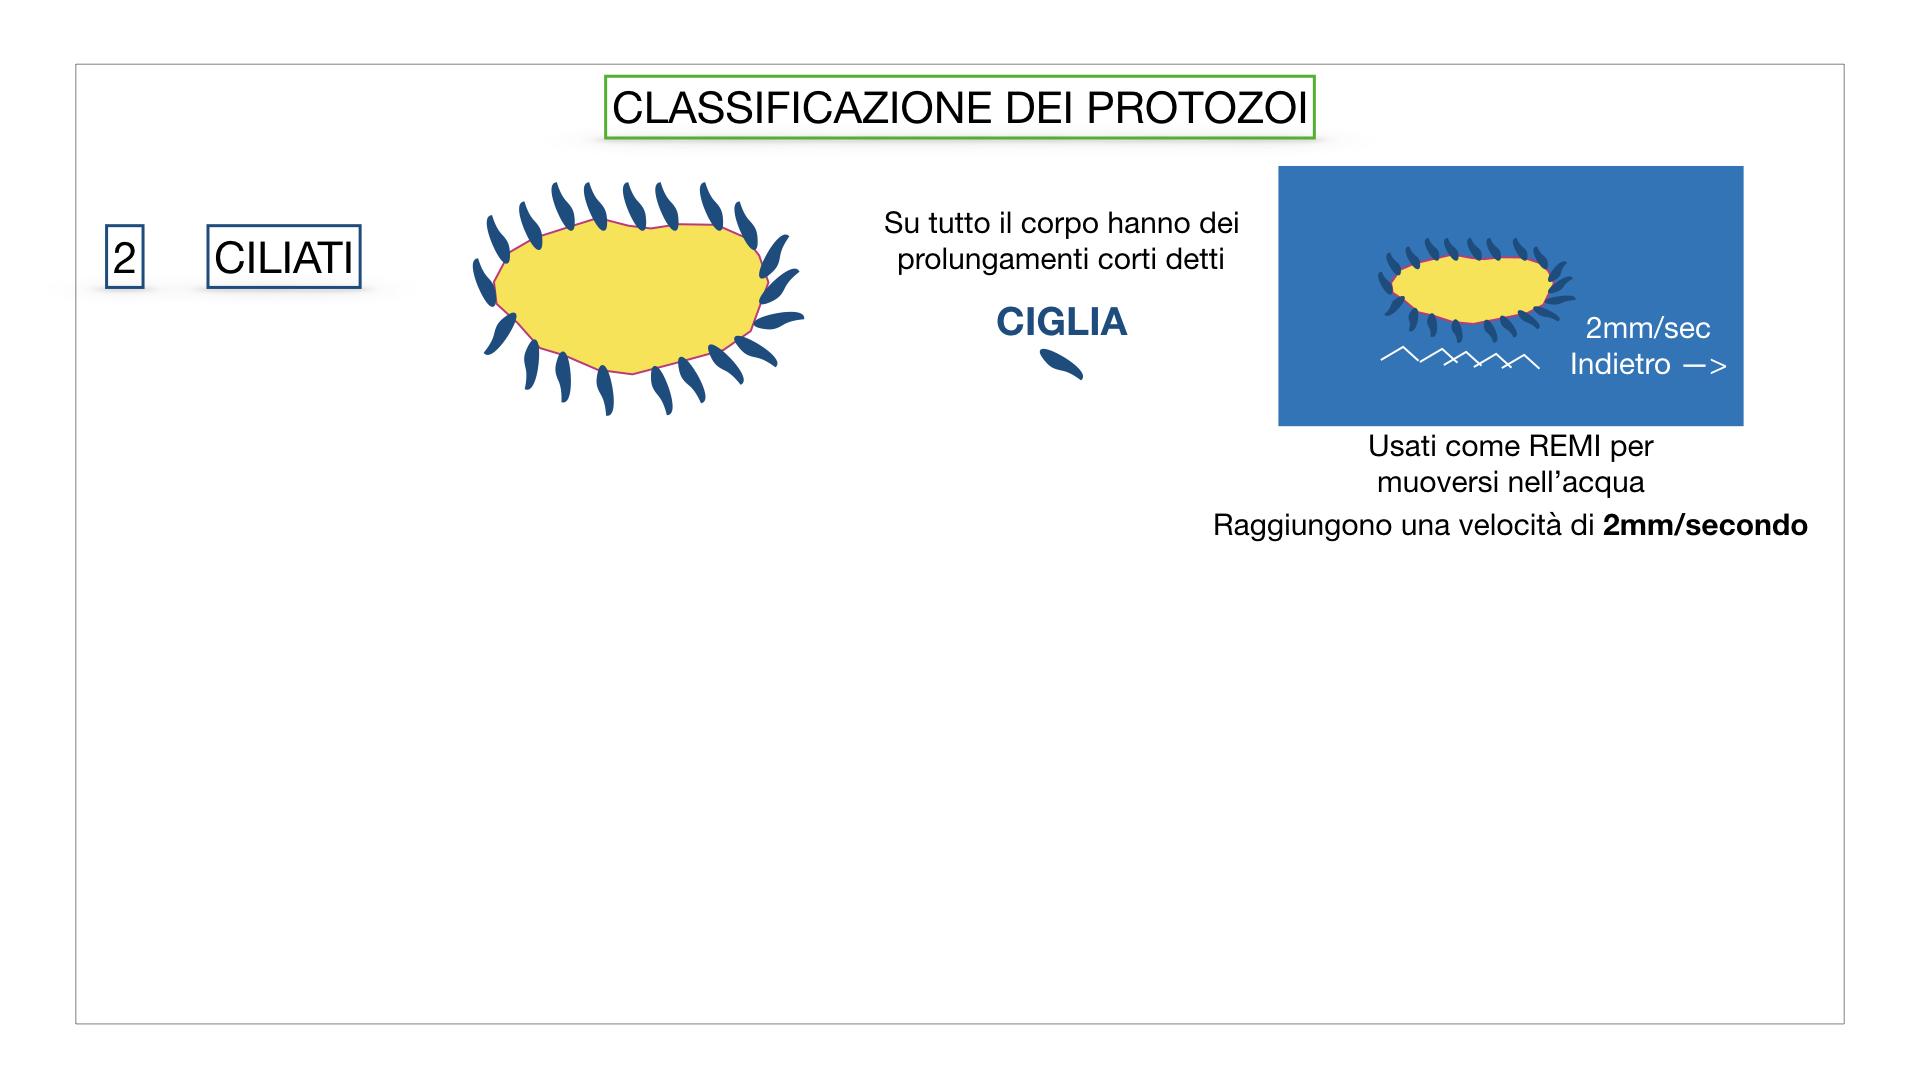 6. PROTOZOI_classificazione_SIMULAZIONE.026